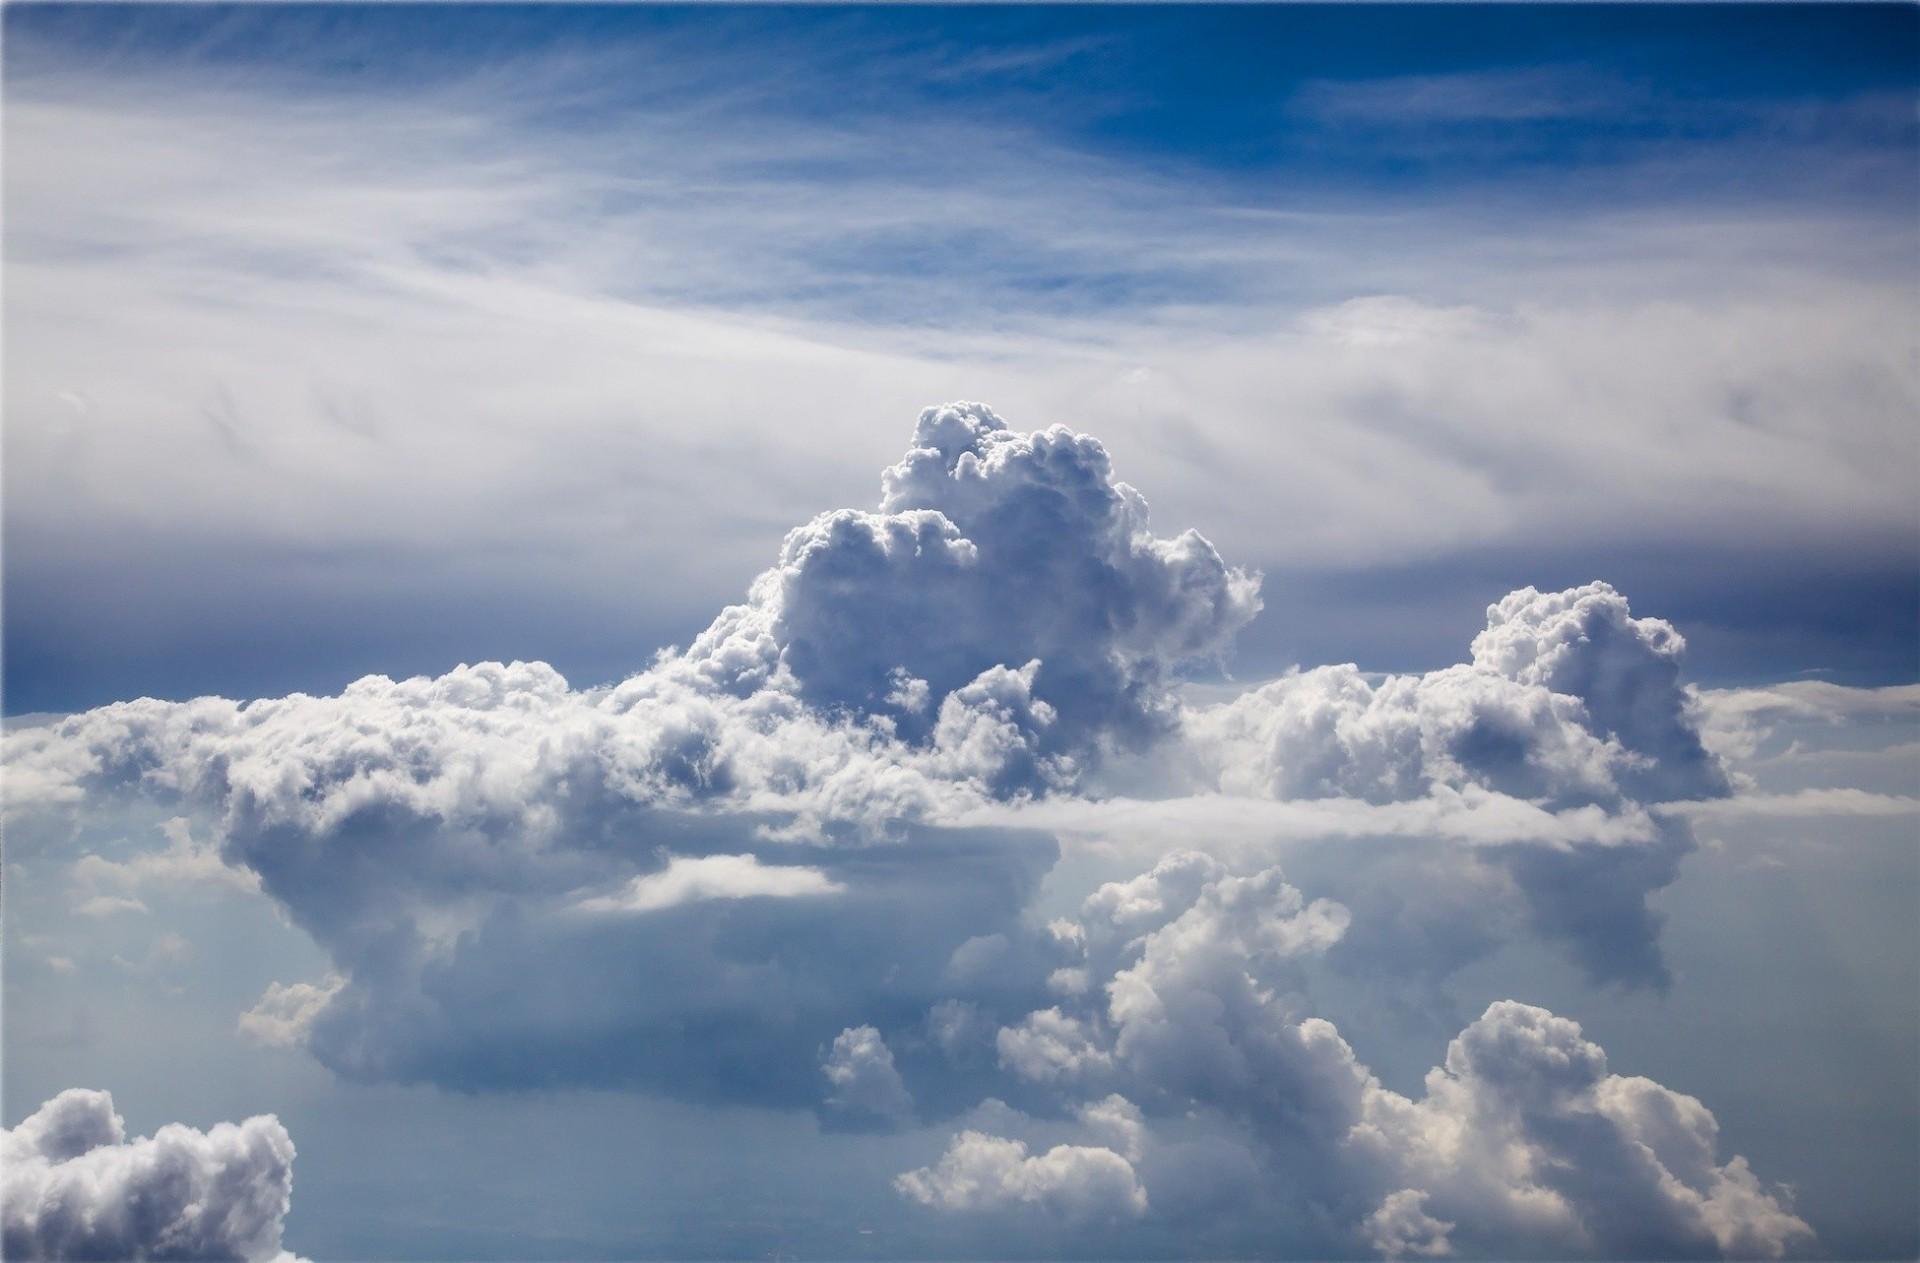 прохладном бассейне картинки три неба над землей этом браке